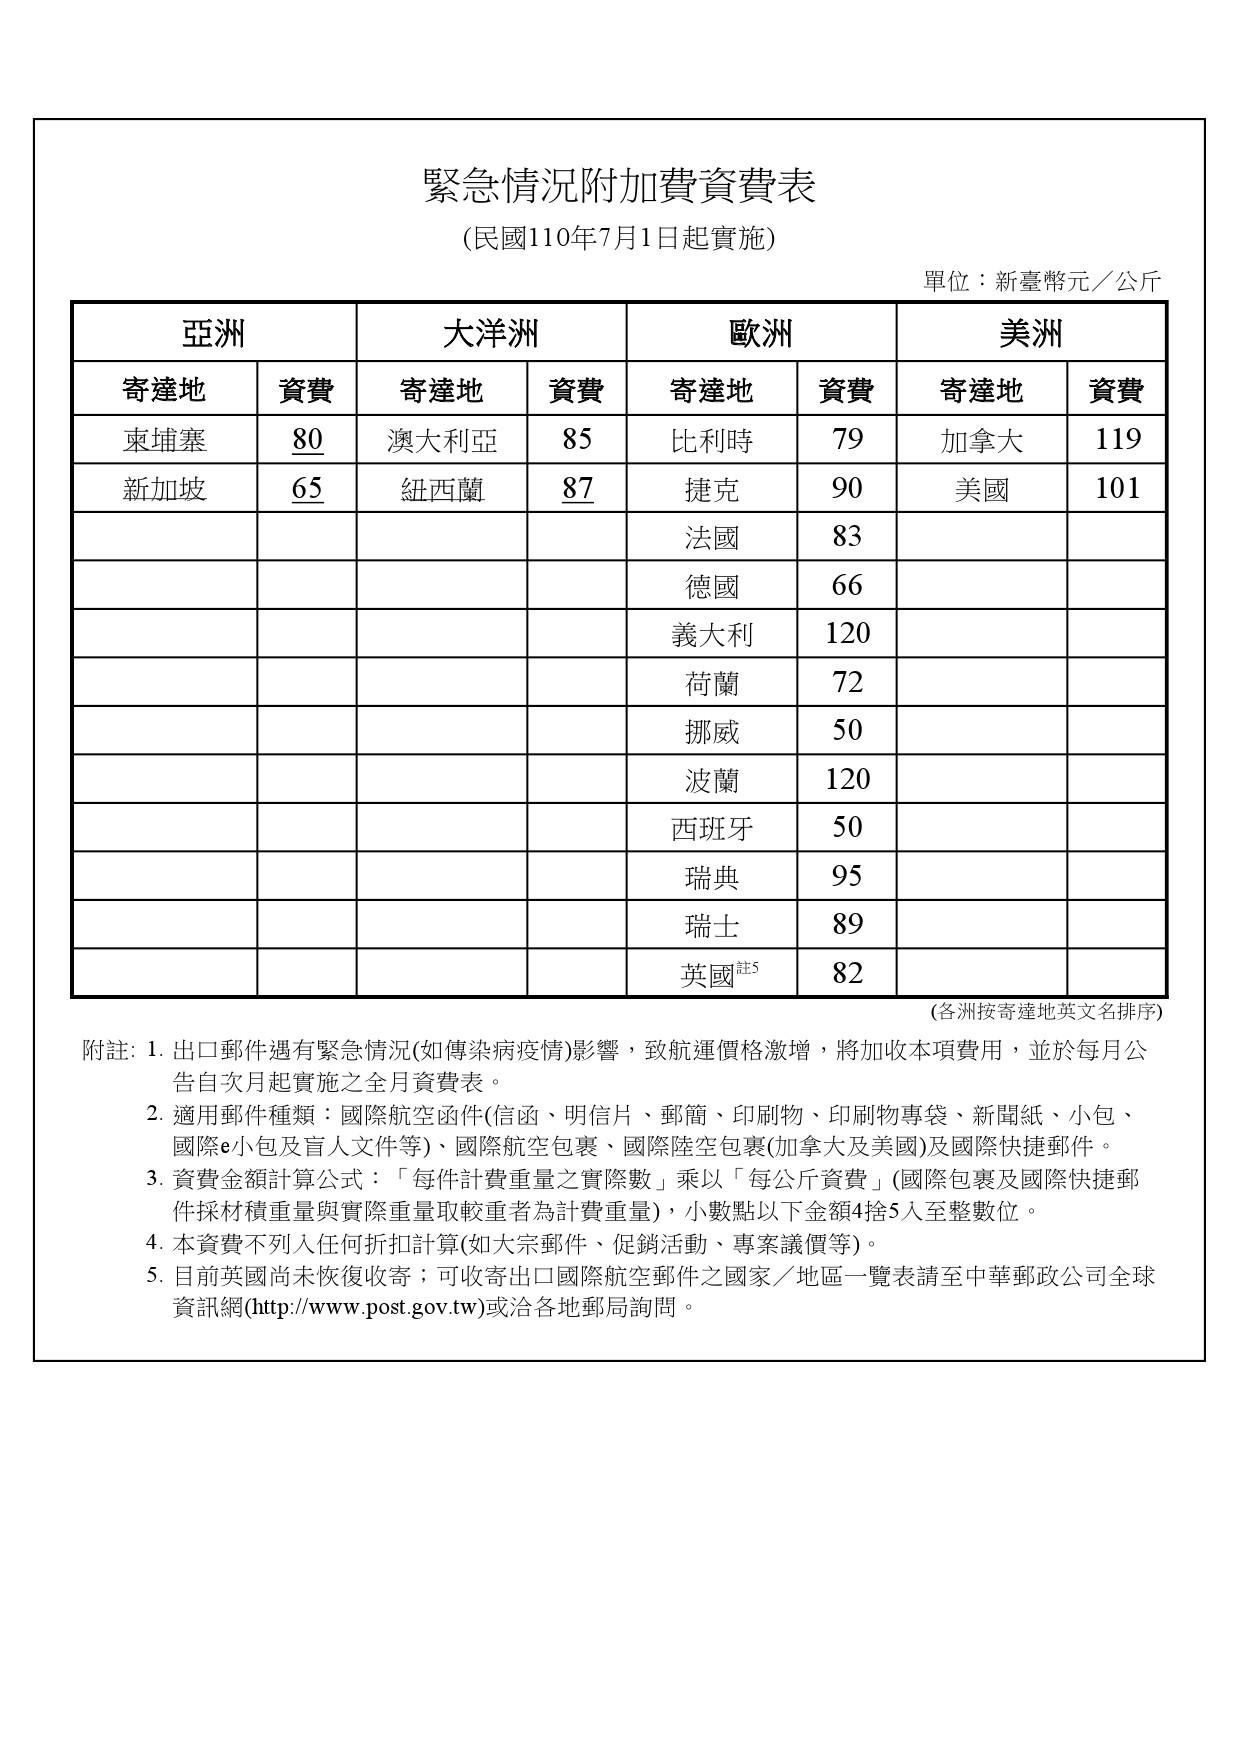 緊急情況附加費資費表(1100701實施)